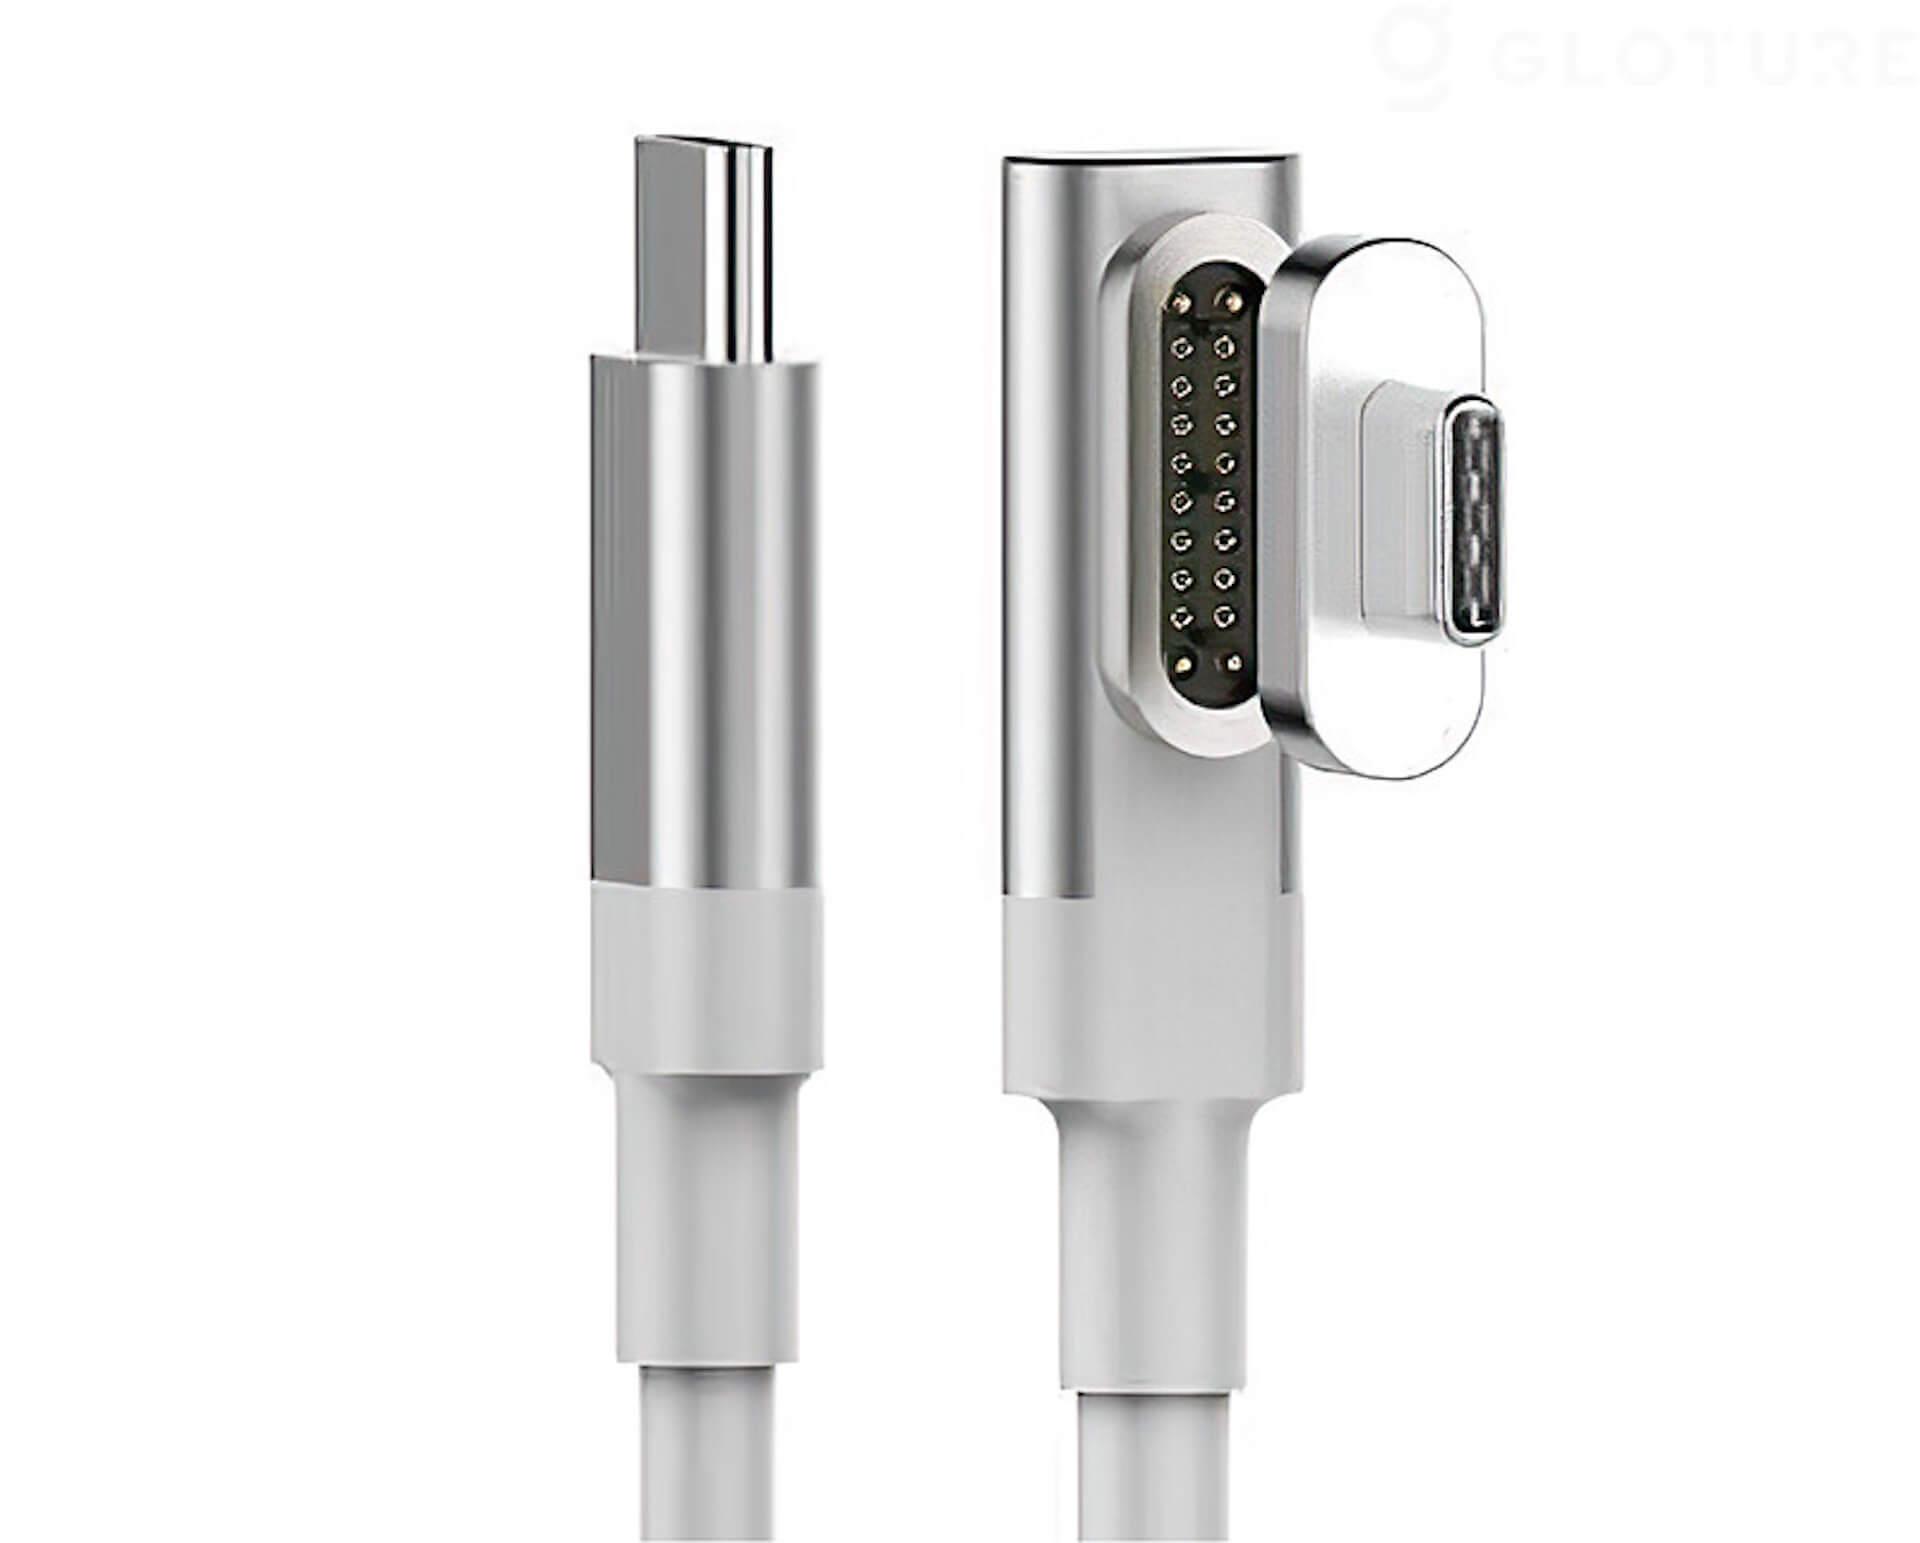 USB-Cのコネクタ同士をマグネットで引き寄せる!「HBLINK Magnet USB-C ケーブル」がGLOTURE.JPに登場 tech200625_usbc_cable_13